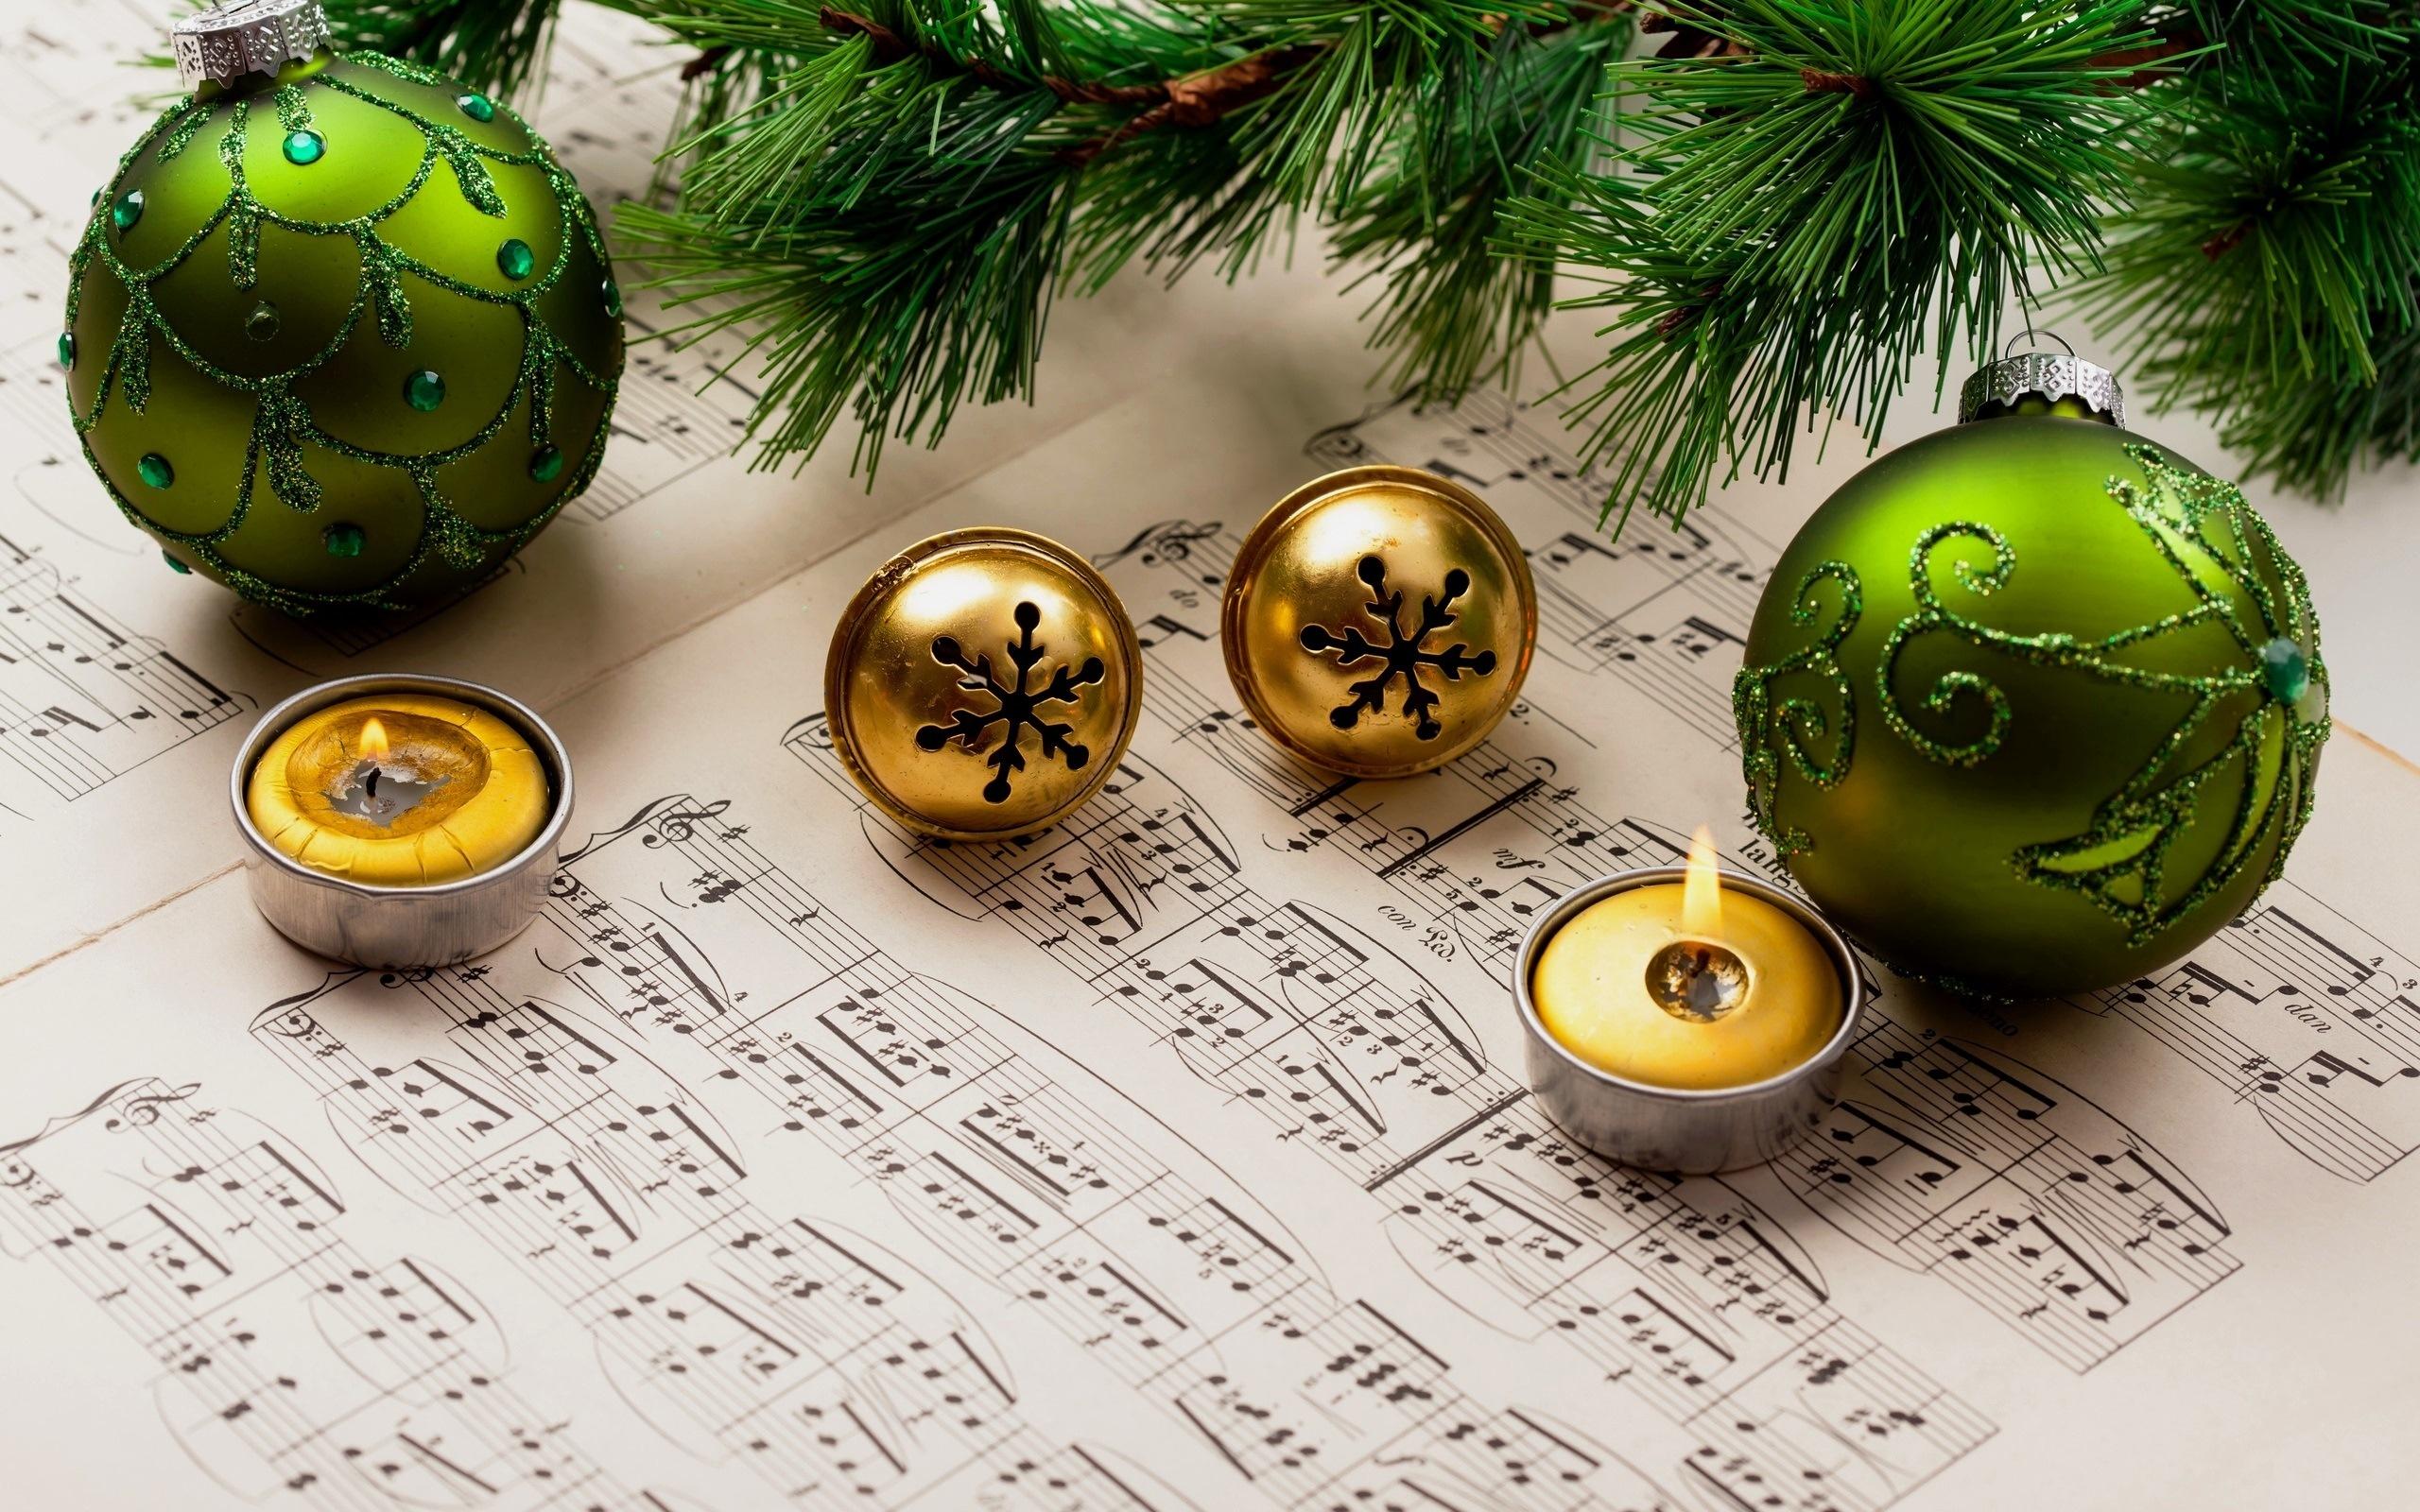 Музыка открытки новогодние